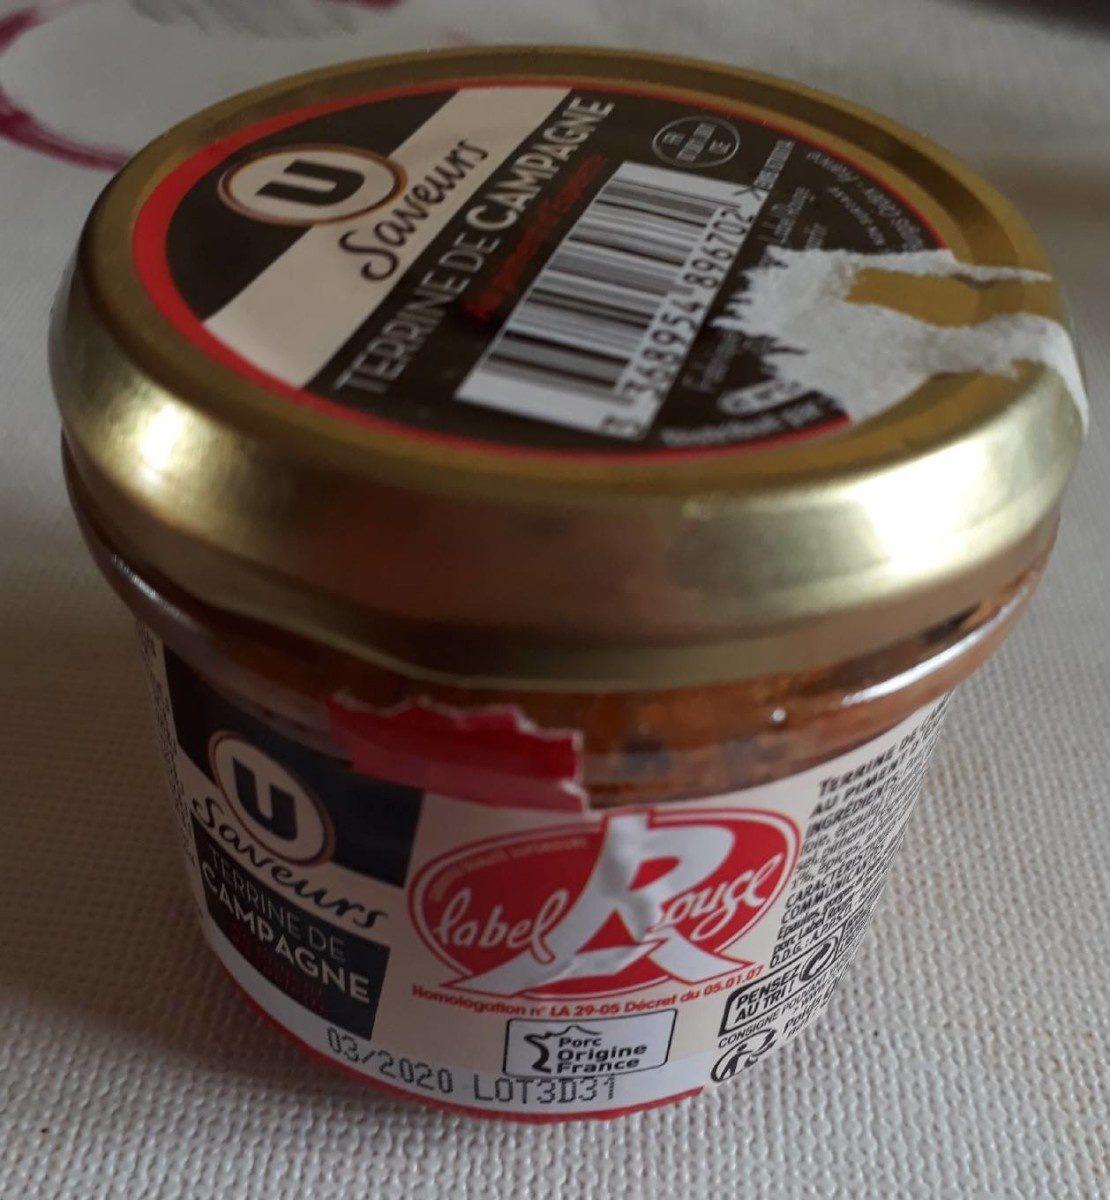 Terrine de campagne au piment d'Espelette - Product - fr